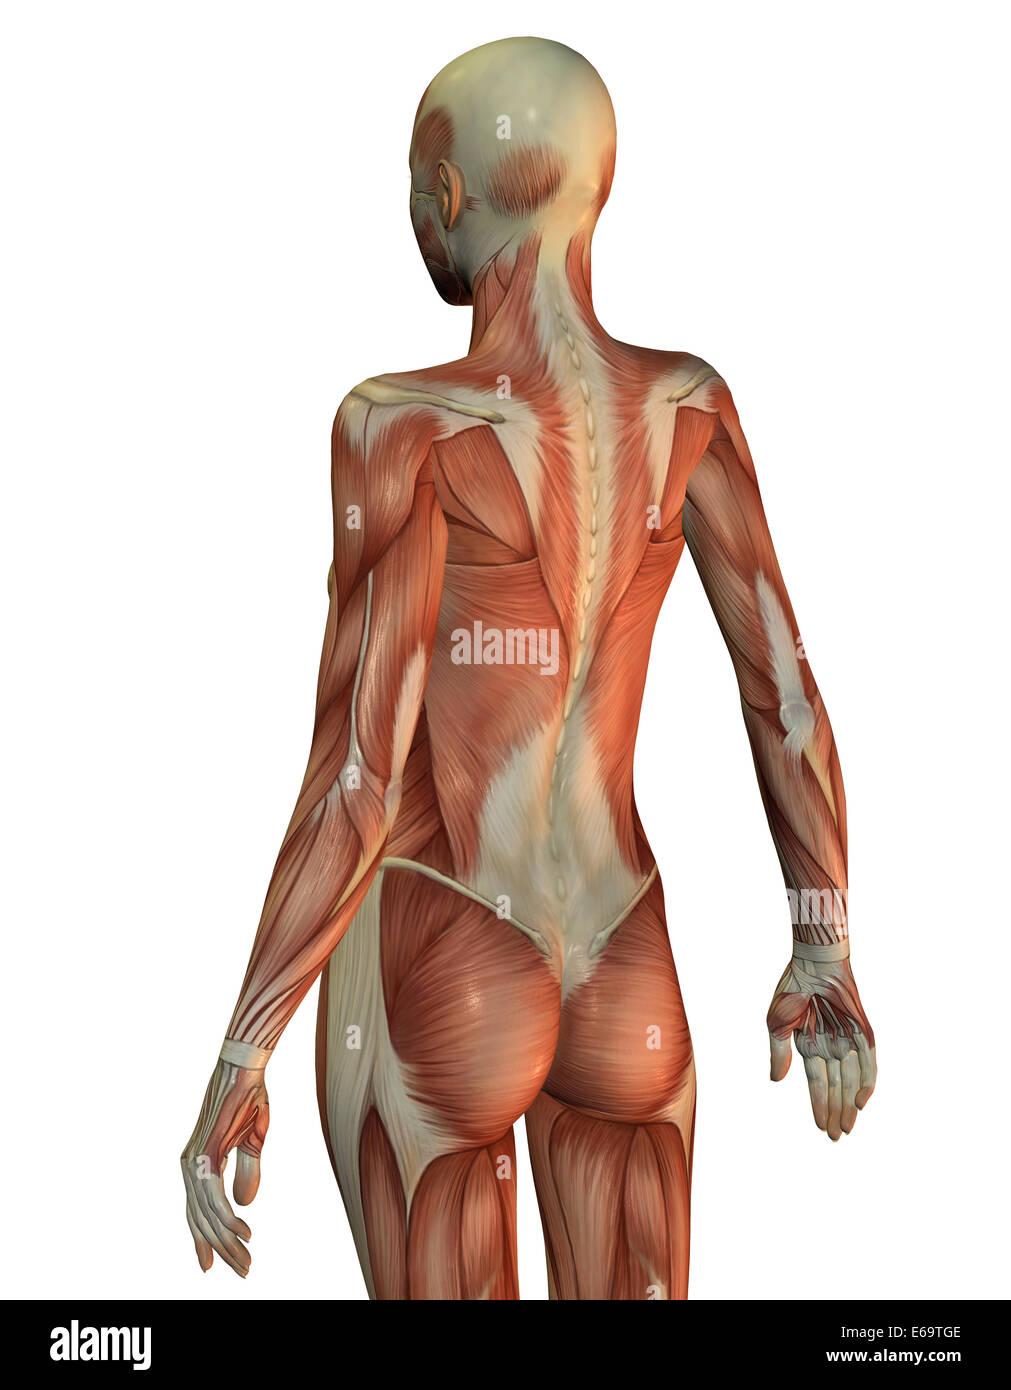 Anatomia,muscolo,Medico illustrazioni Immagini Stock